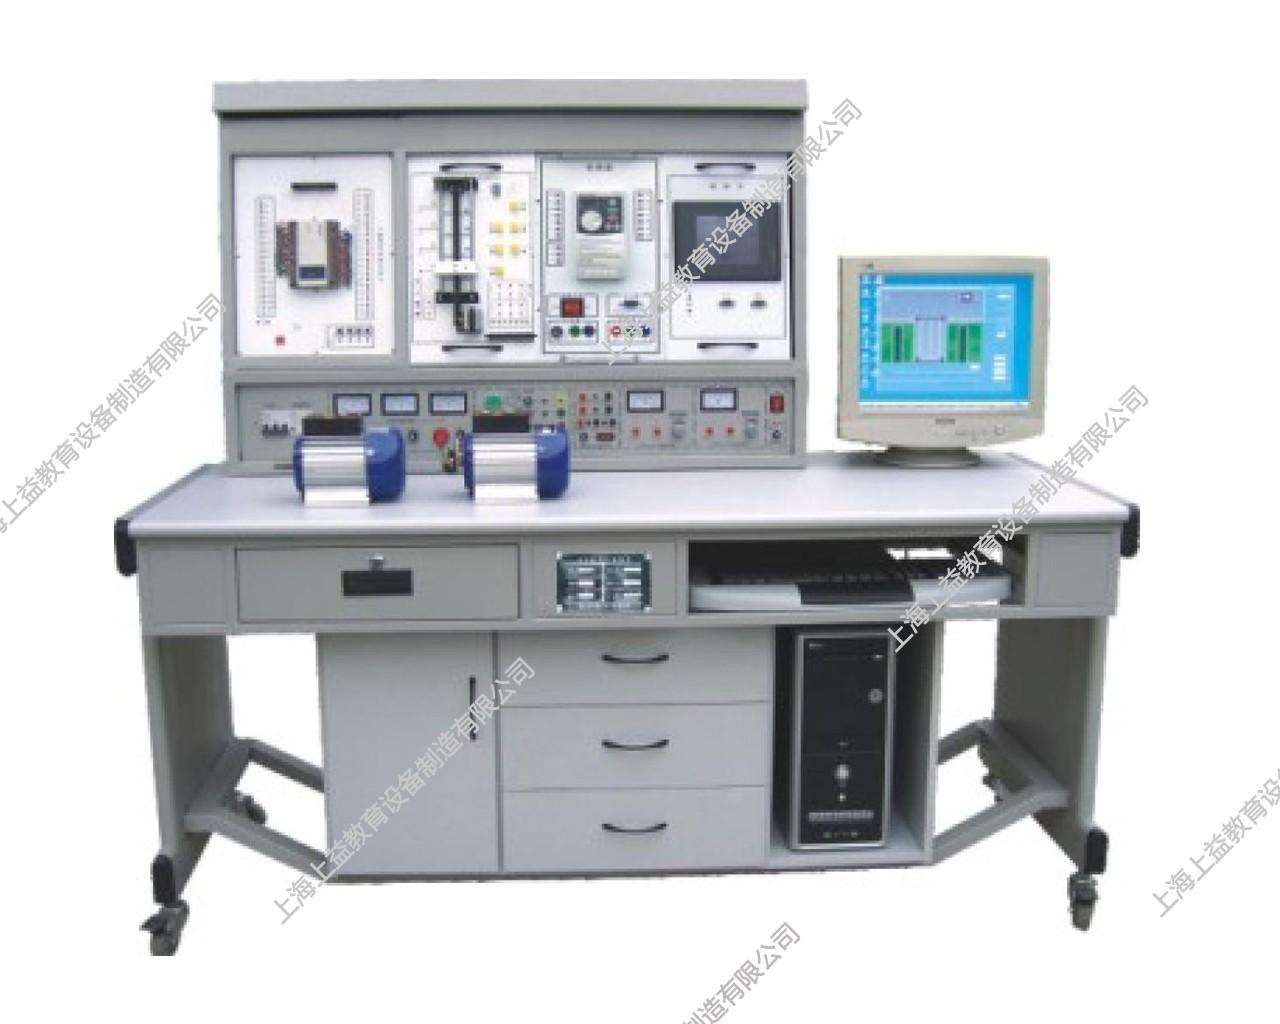 SYPLC-104B网络型PLC可编程控制器/变频调速/电气控制及单片机综合实验装置(PLC、变频器、触摸屏、电气控制、单片机)